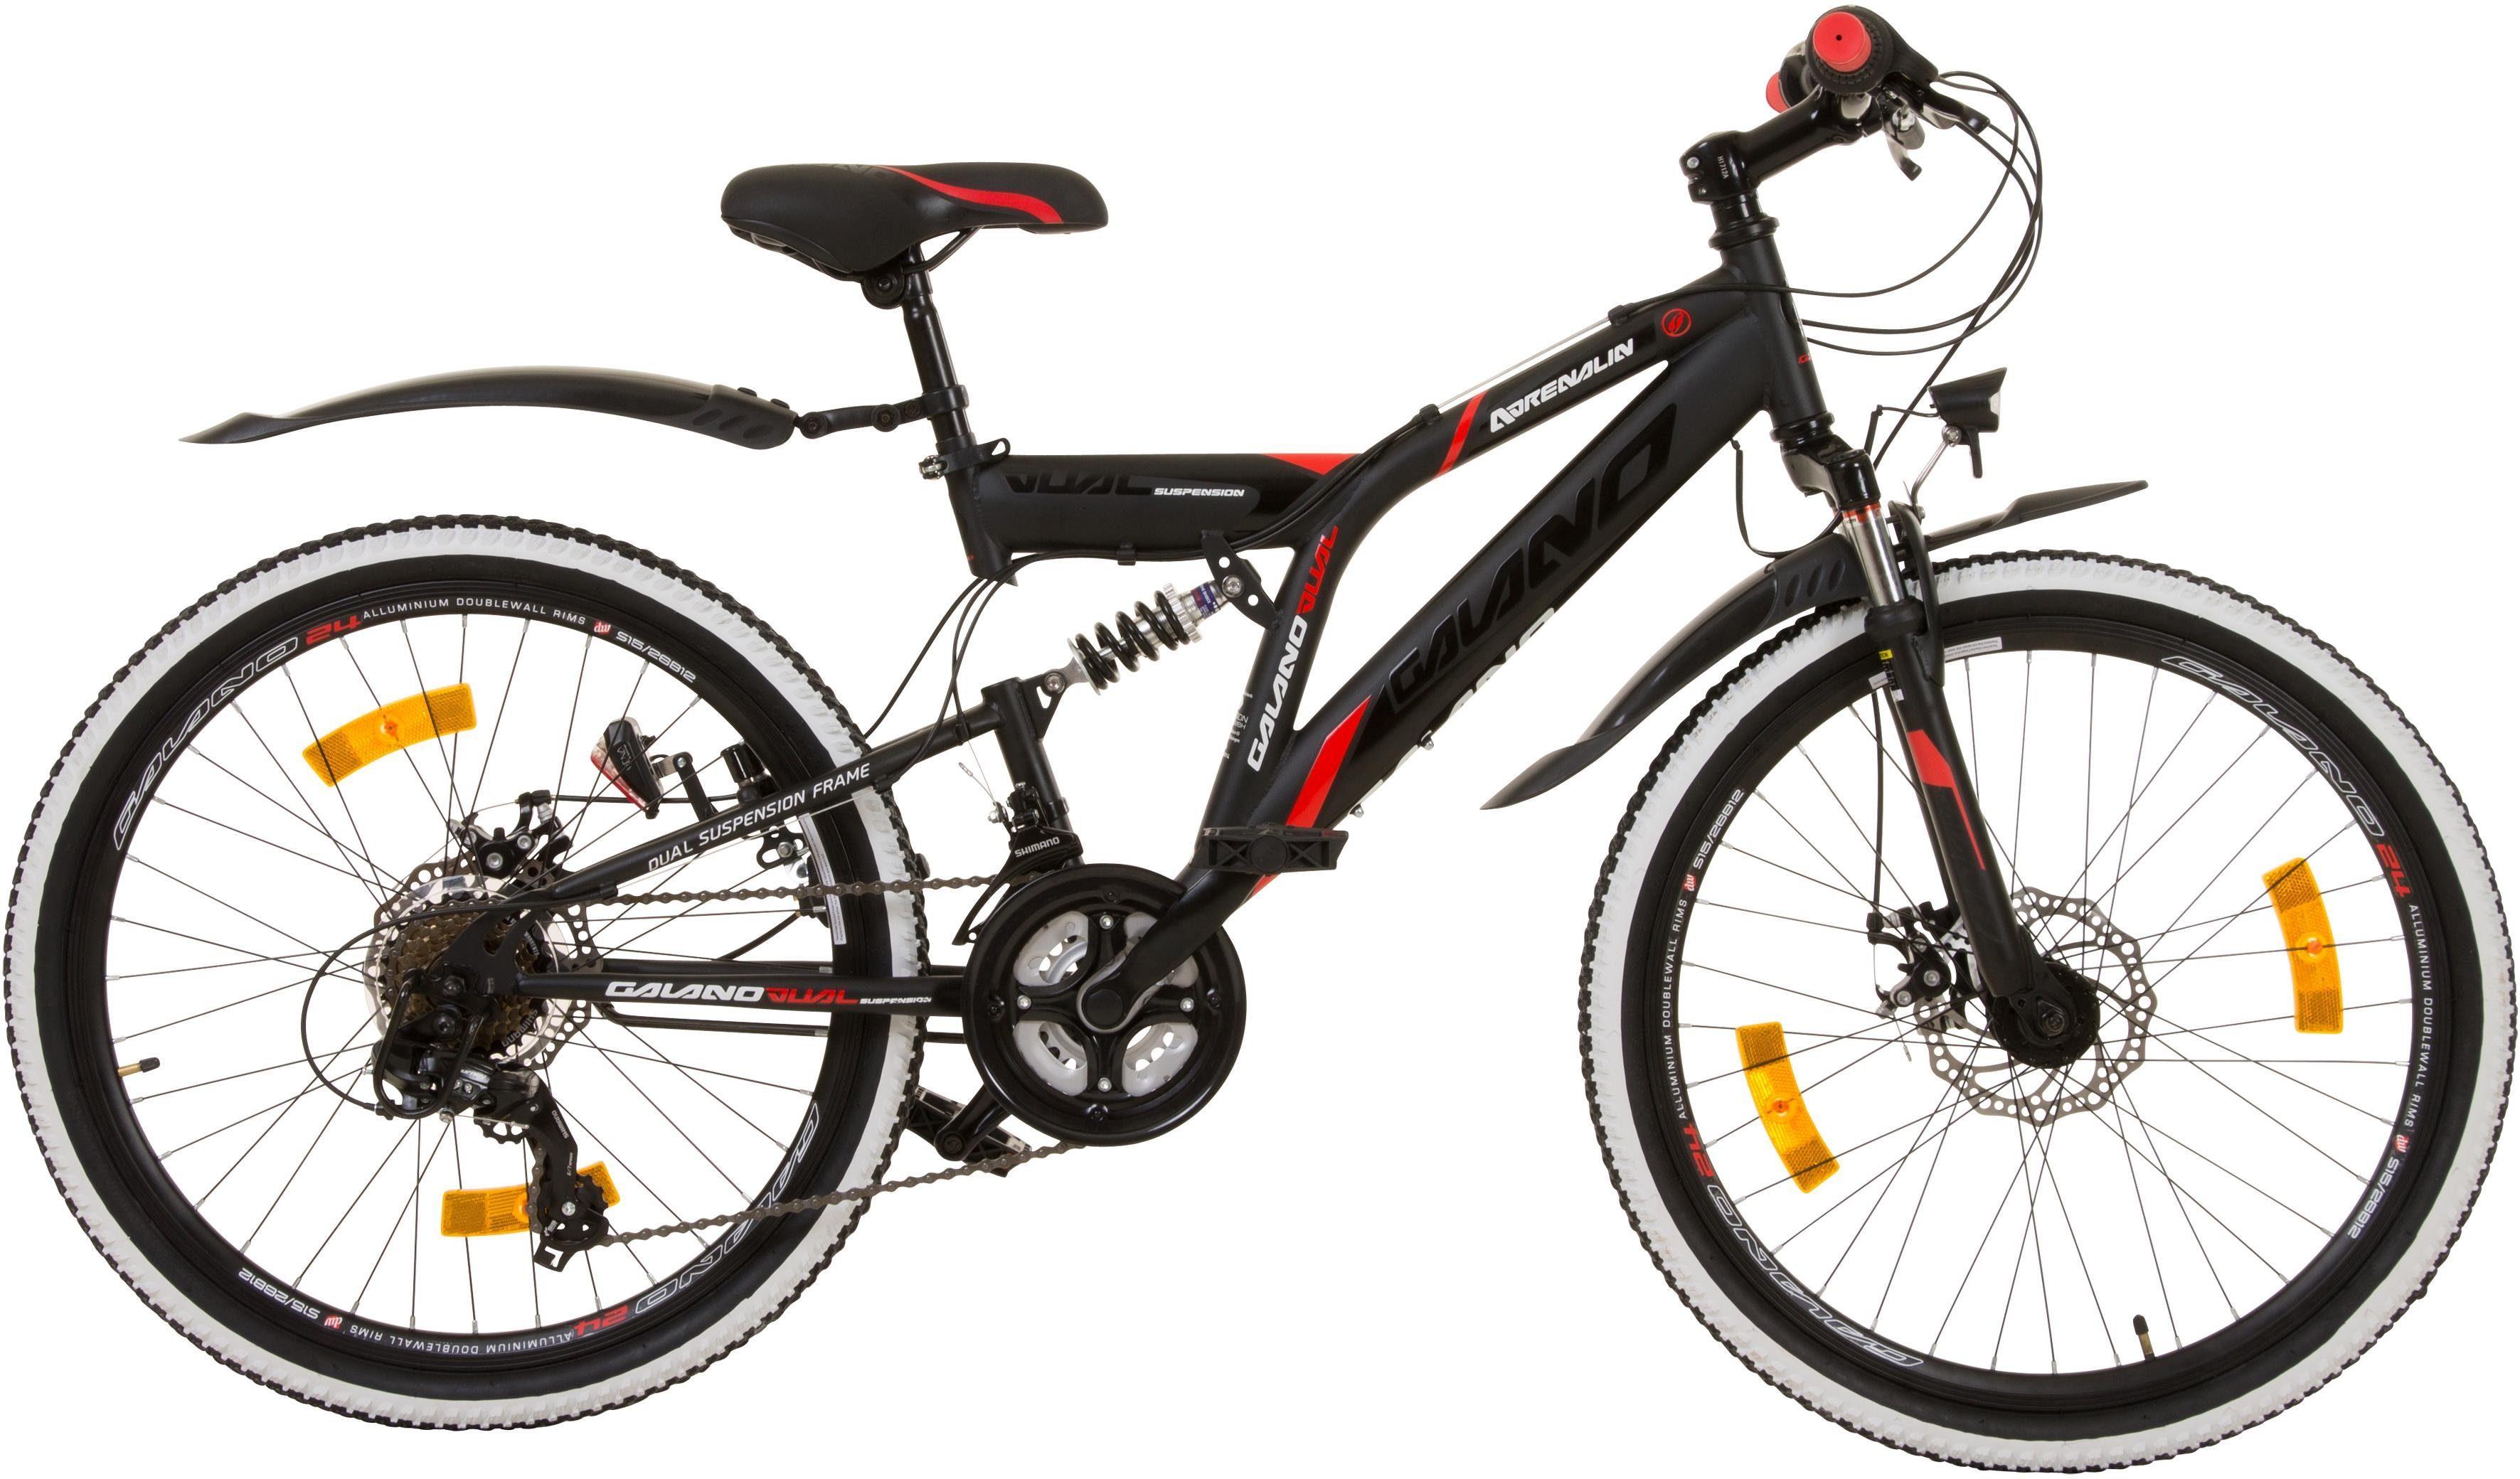 Galano Mountainbike »Adrenalin DS«, 21 Gang Shimano Tourney Schaltwerk, Kettenschaltung